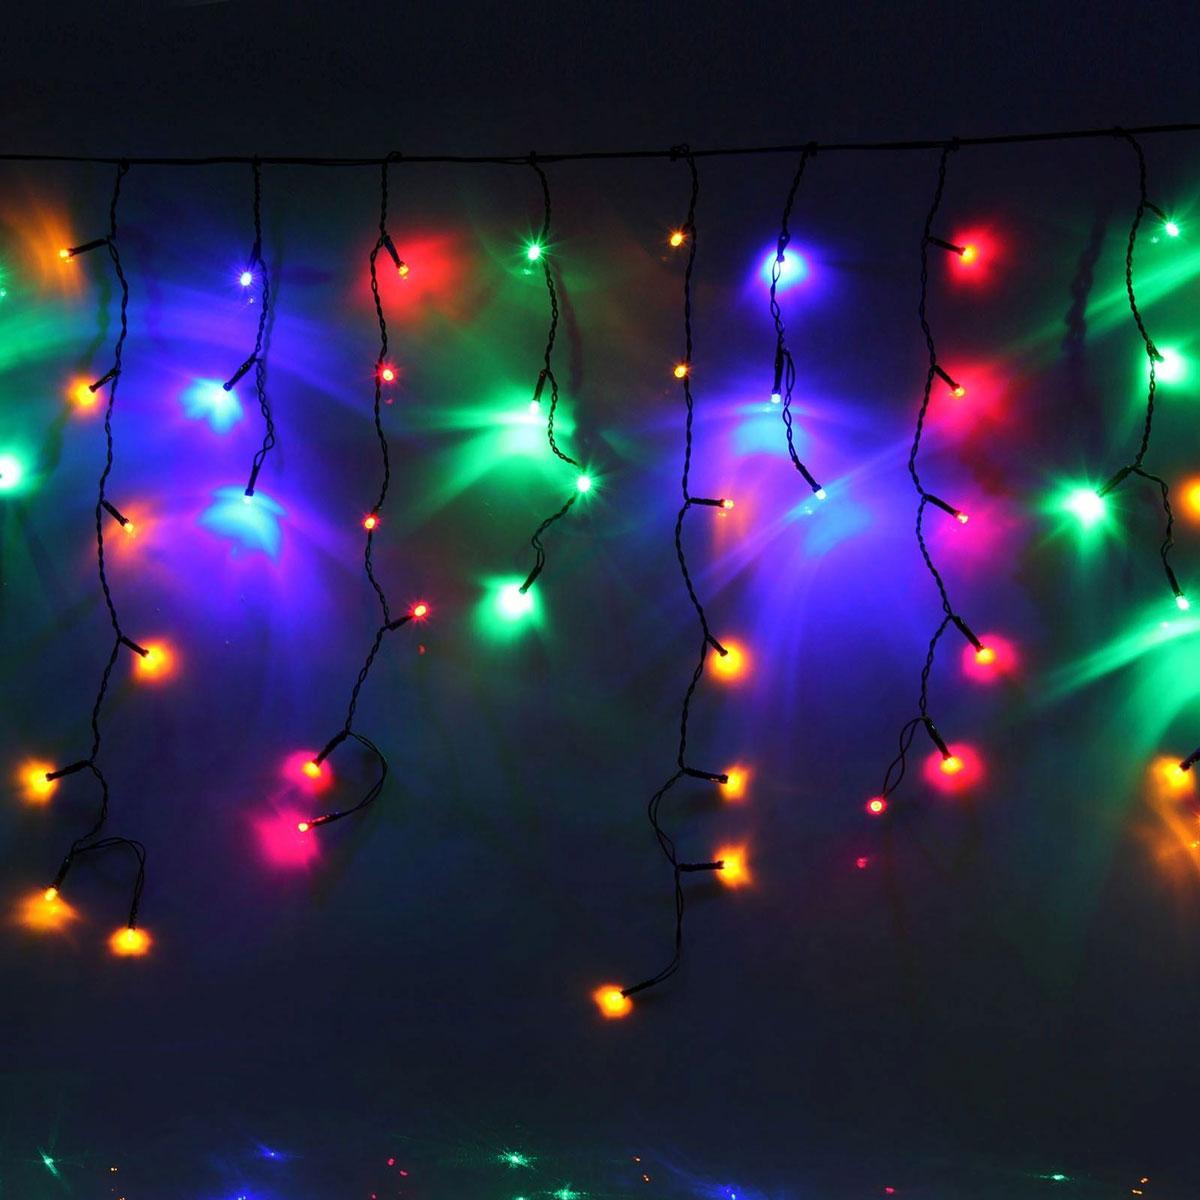 Гирлянда светодиодная Luazon Бахрома, 8 режимов, 120 ламп, 220 V, цвет: мультиколор, 2,4 х 0,6 м. 706206706206Светодиодные гирлянды, ленты и т.д — это отличный вариант для новогоднего оформления интерьера или фасада. С их помощью помещение любого размера можно превратить в праздничный зал, а внешние элементы зданий, украшенные ими, мгновенно станут напоминать очертания сказочного дворца. Такие украшения создают ауру предвкушения чуда. Деревья, фасады, витрины, окна и арки будто специально созданы, чтобы вы украсили их светящимися нитями.